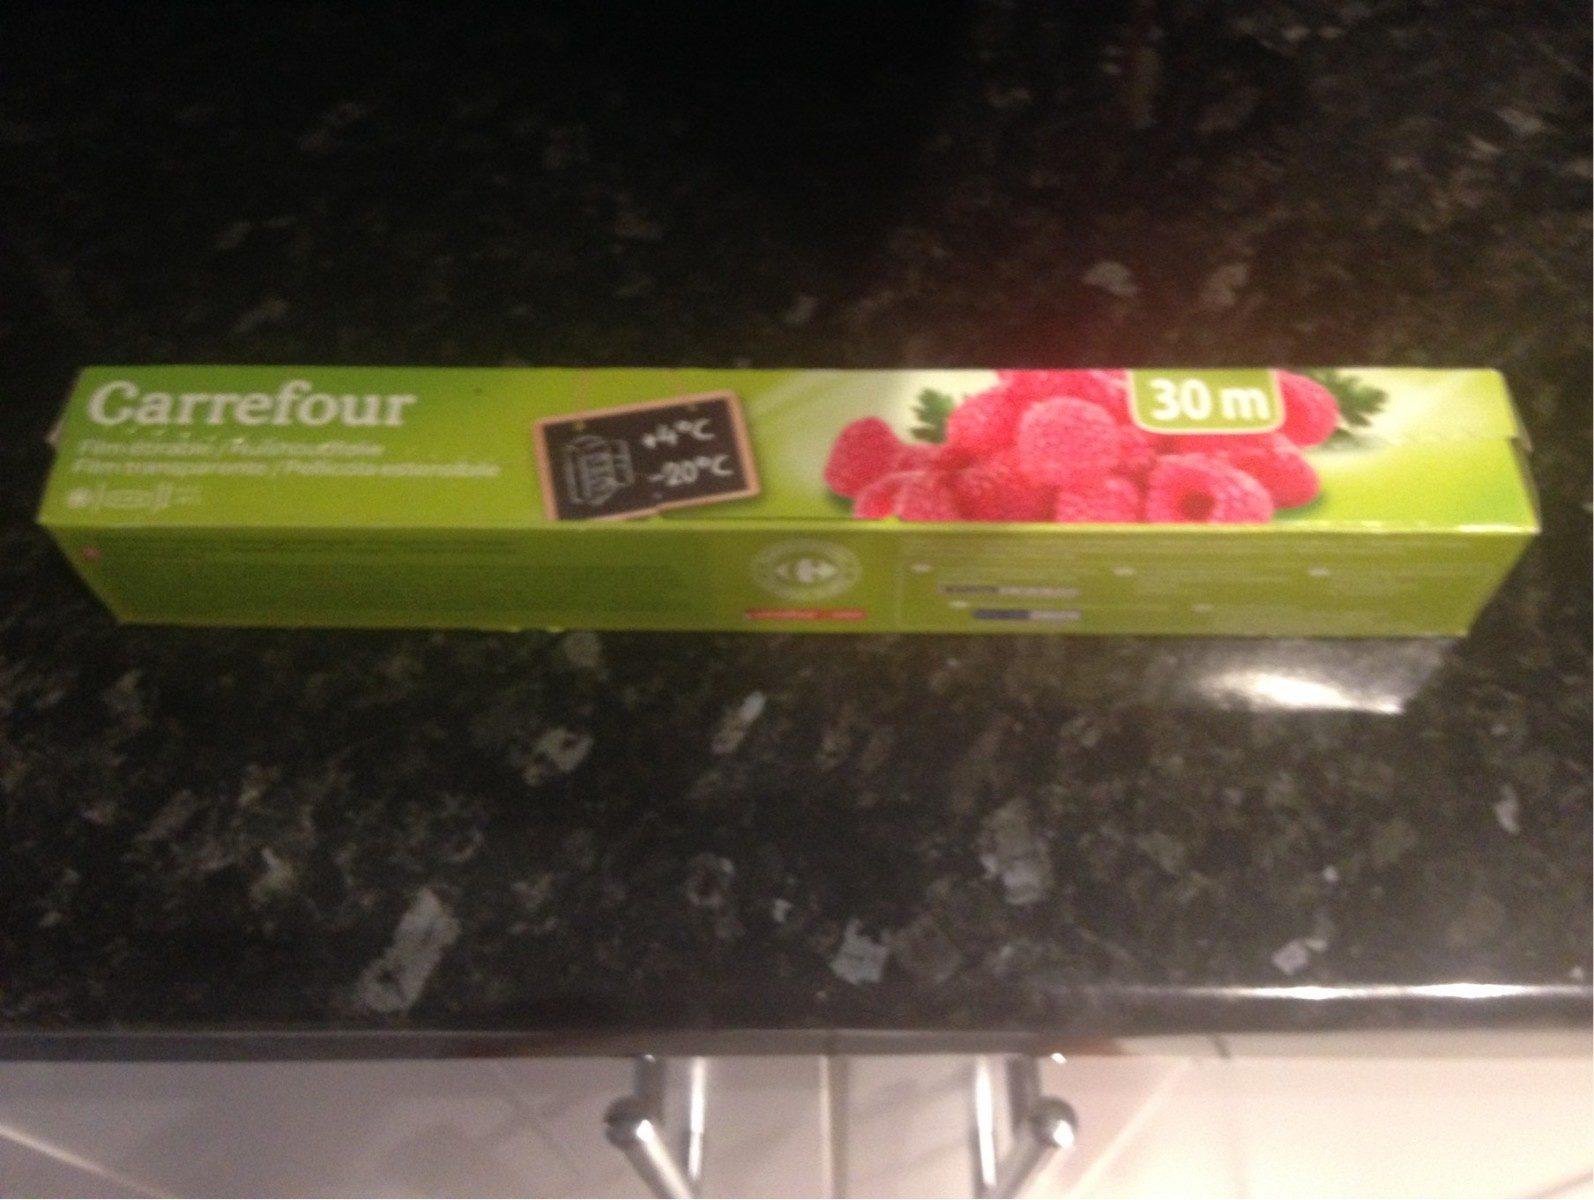 Film étirable, Le Rouleau De 30 Mètres, Marque Carrefour - Product - fr